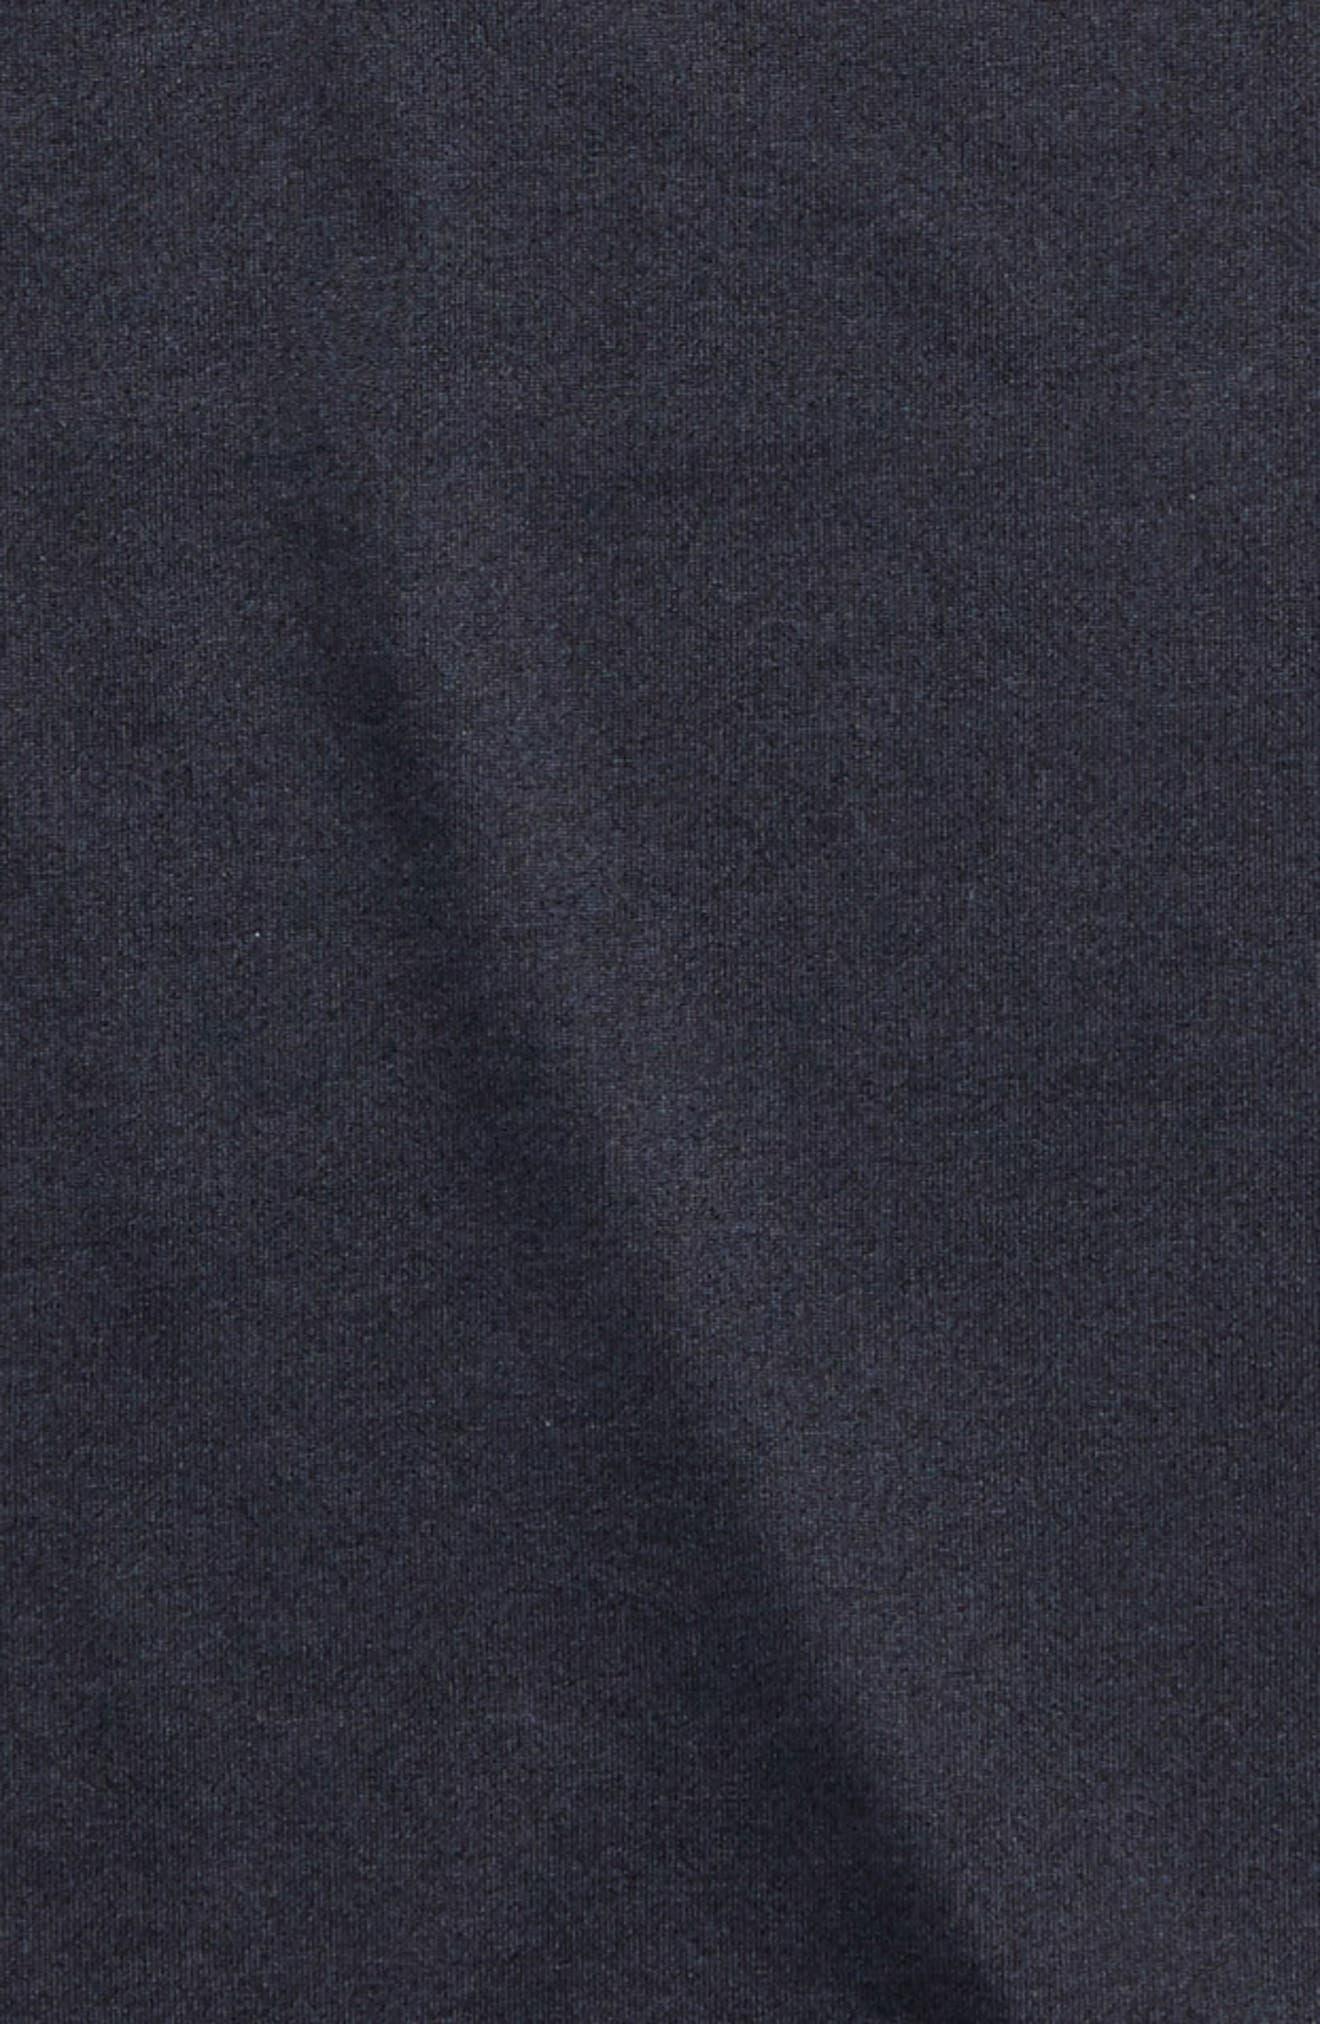 NIKE, Dry Swoosh T-Shirt, Alternate thumbnail 2, color, 010